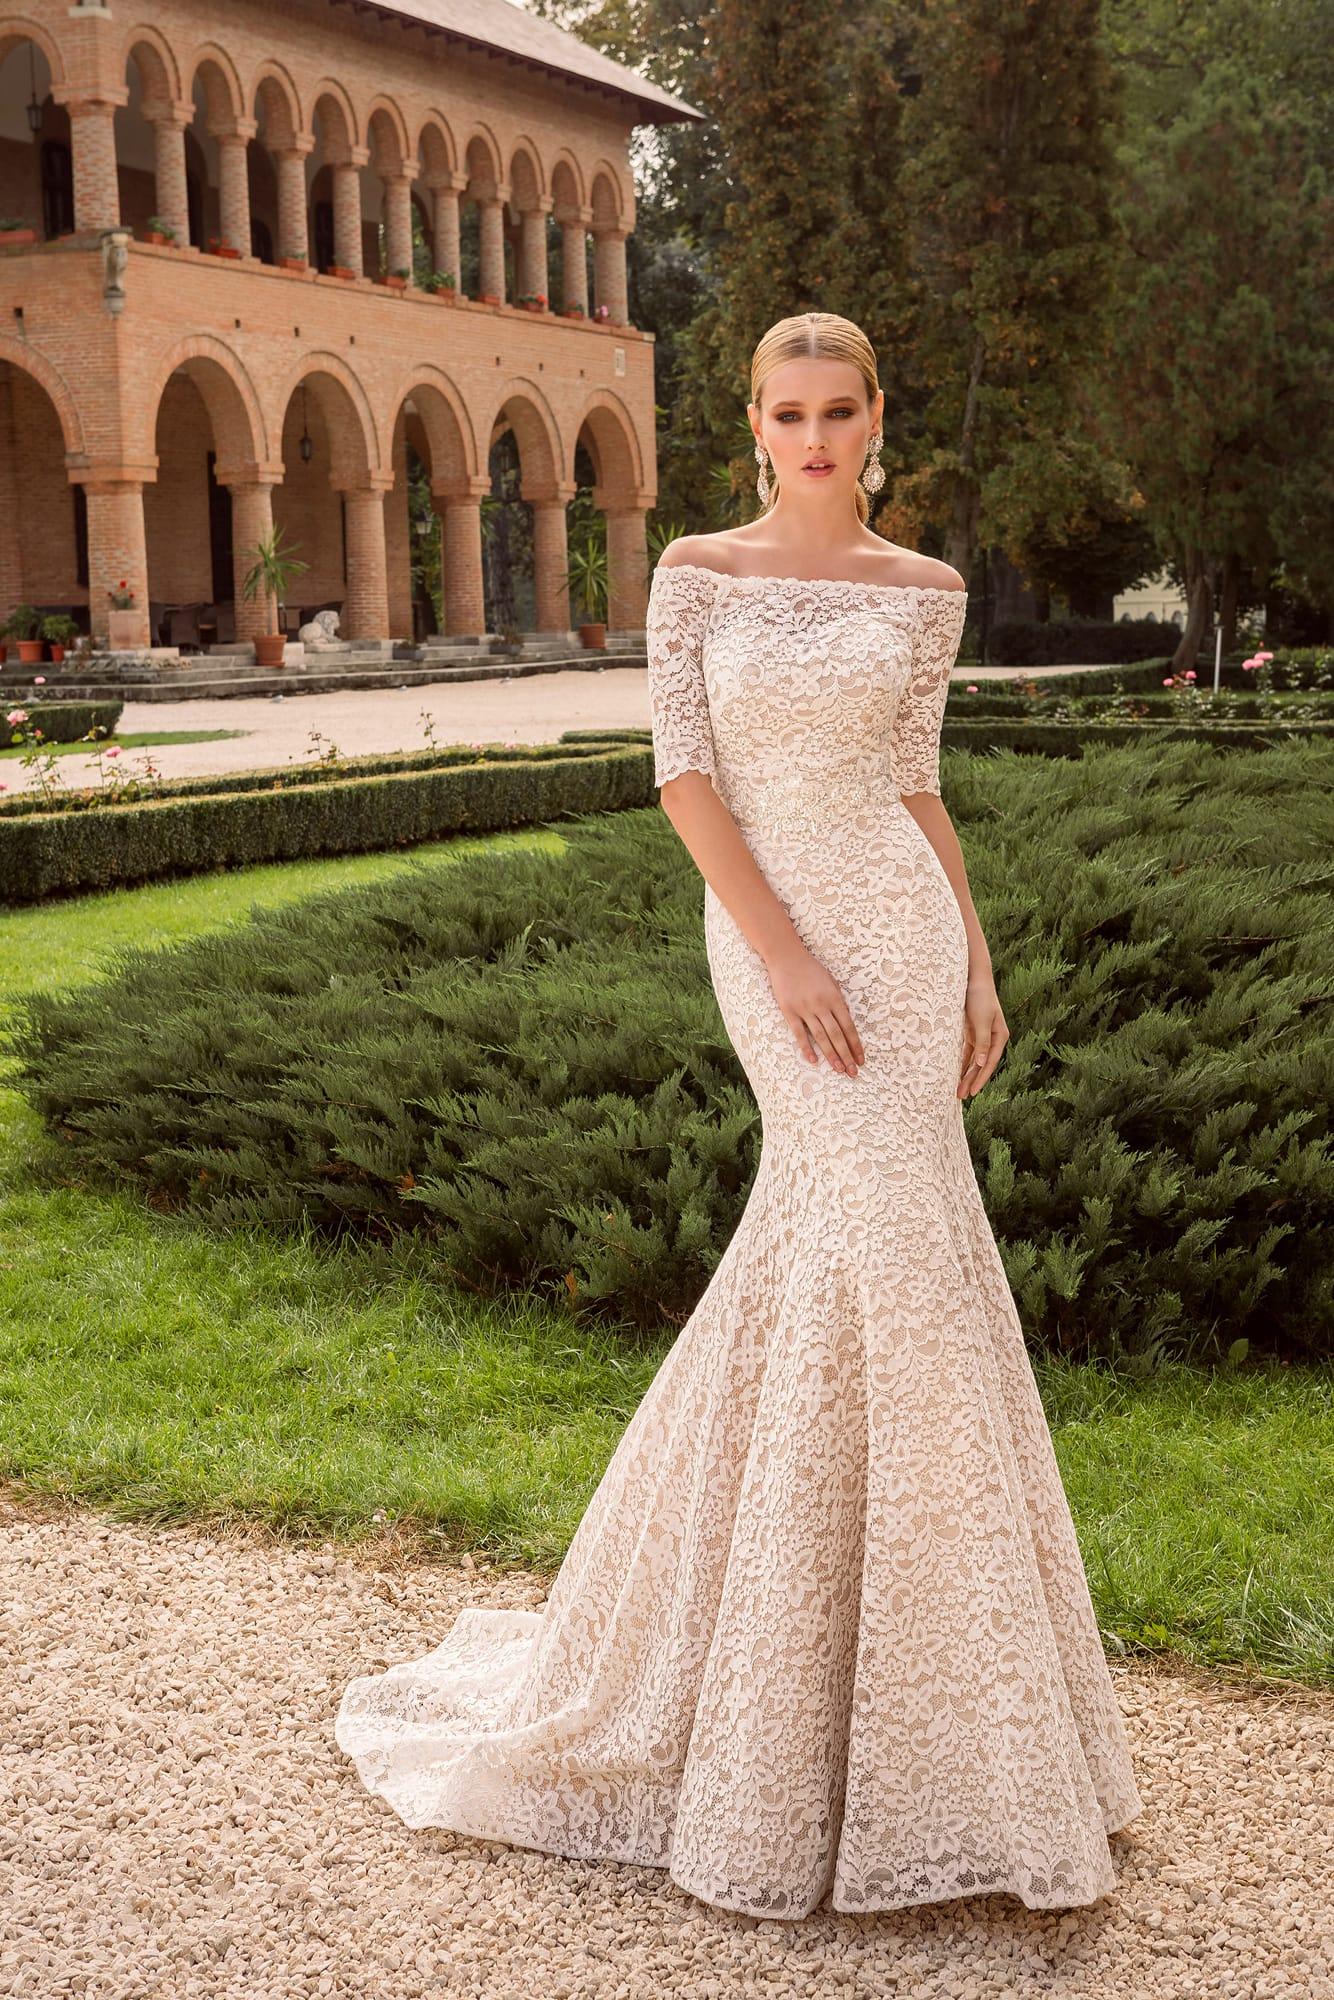 97e1c64f387 Элегантное свадебное платье силуэта «рыбка» с портретным декольте и  короткими рукавами.